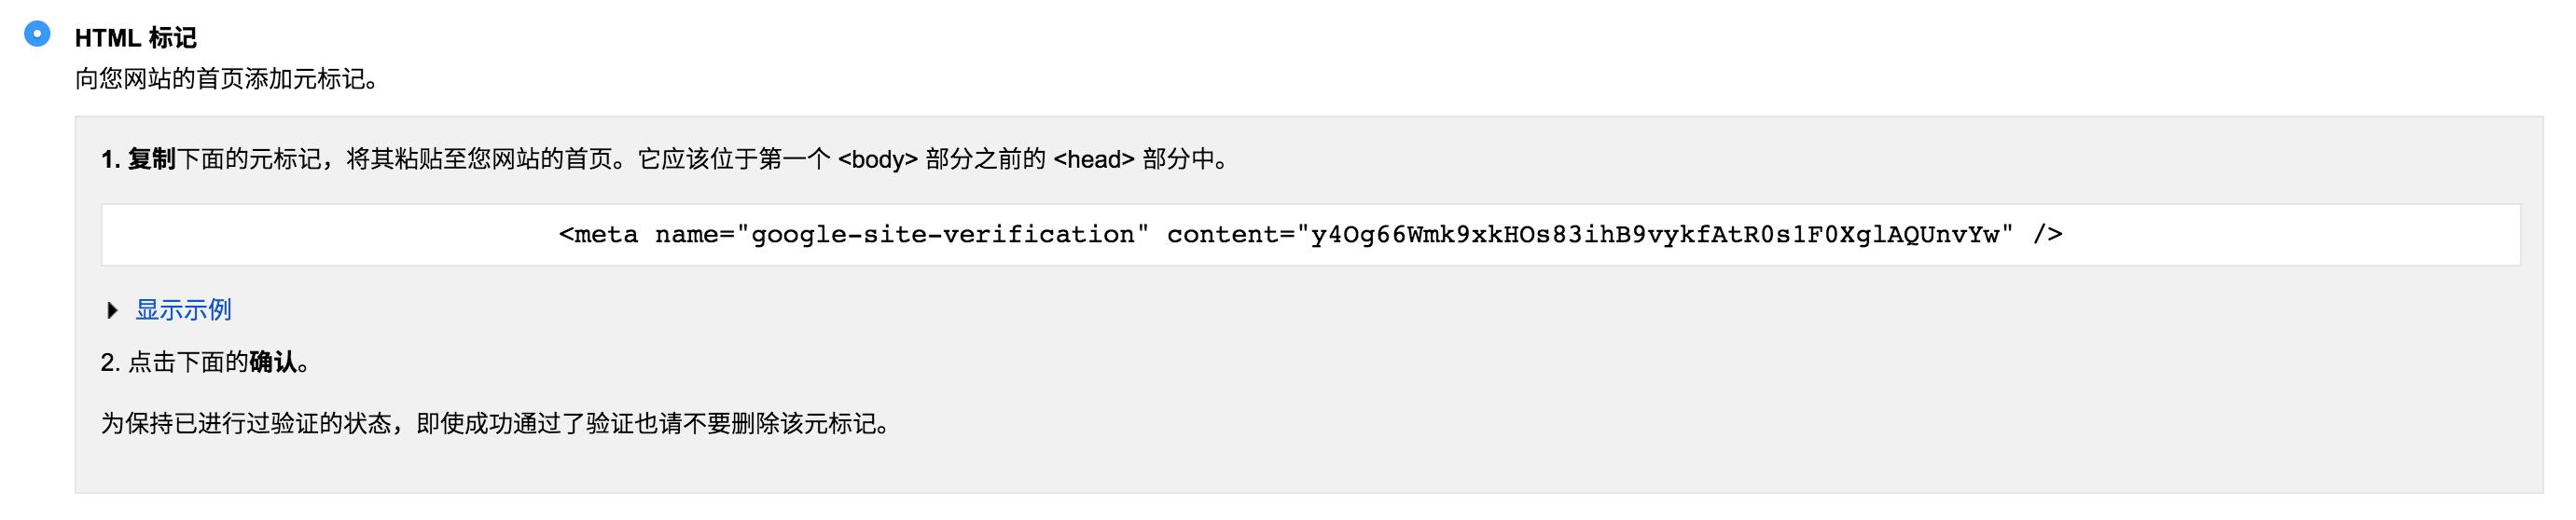 HTML标签验证